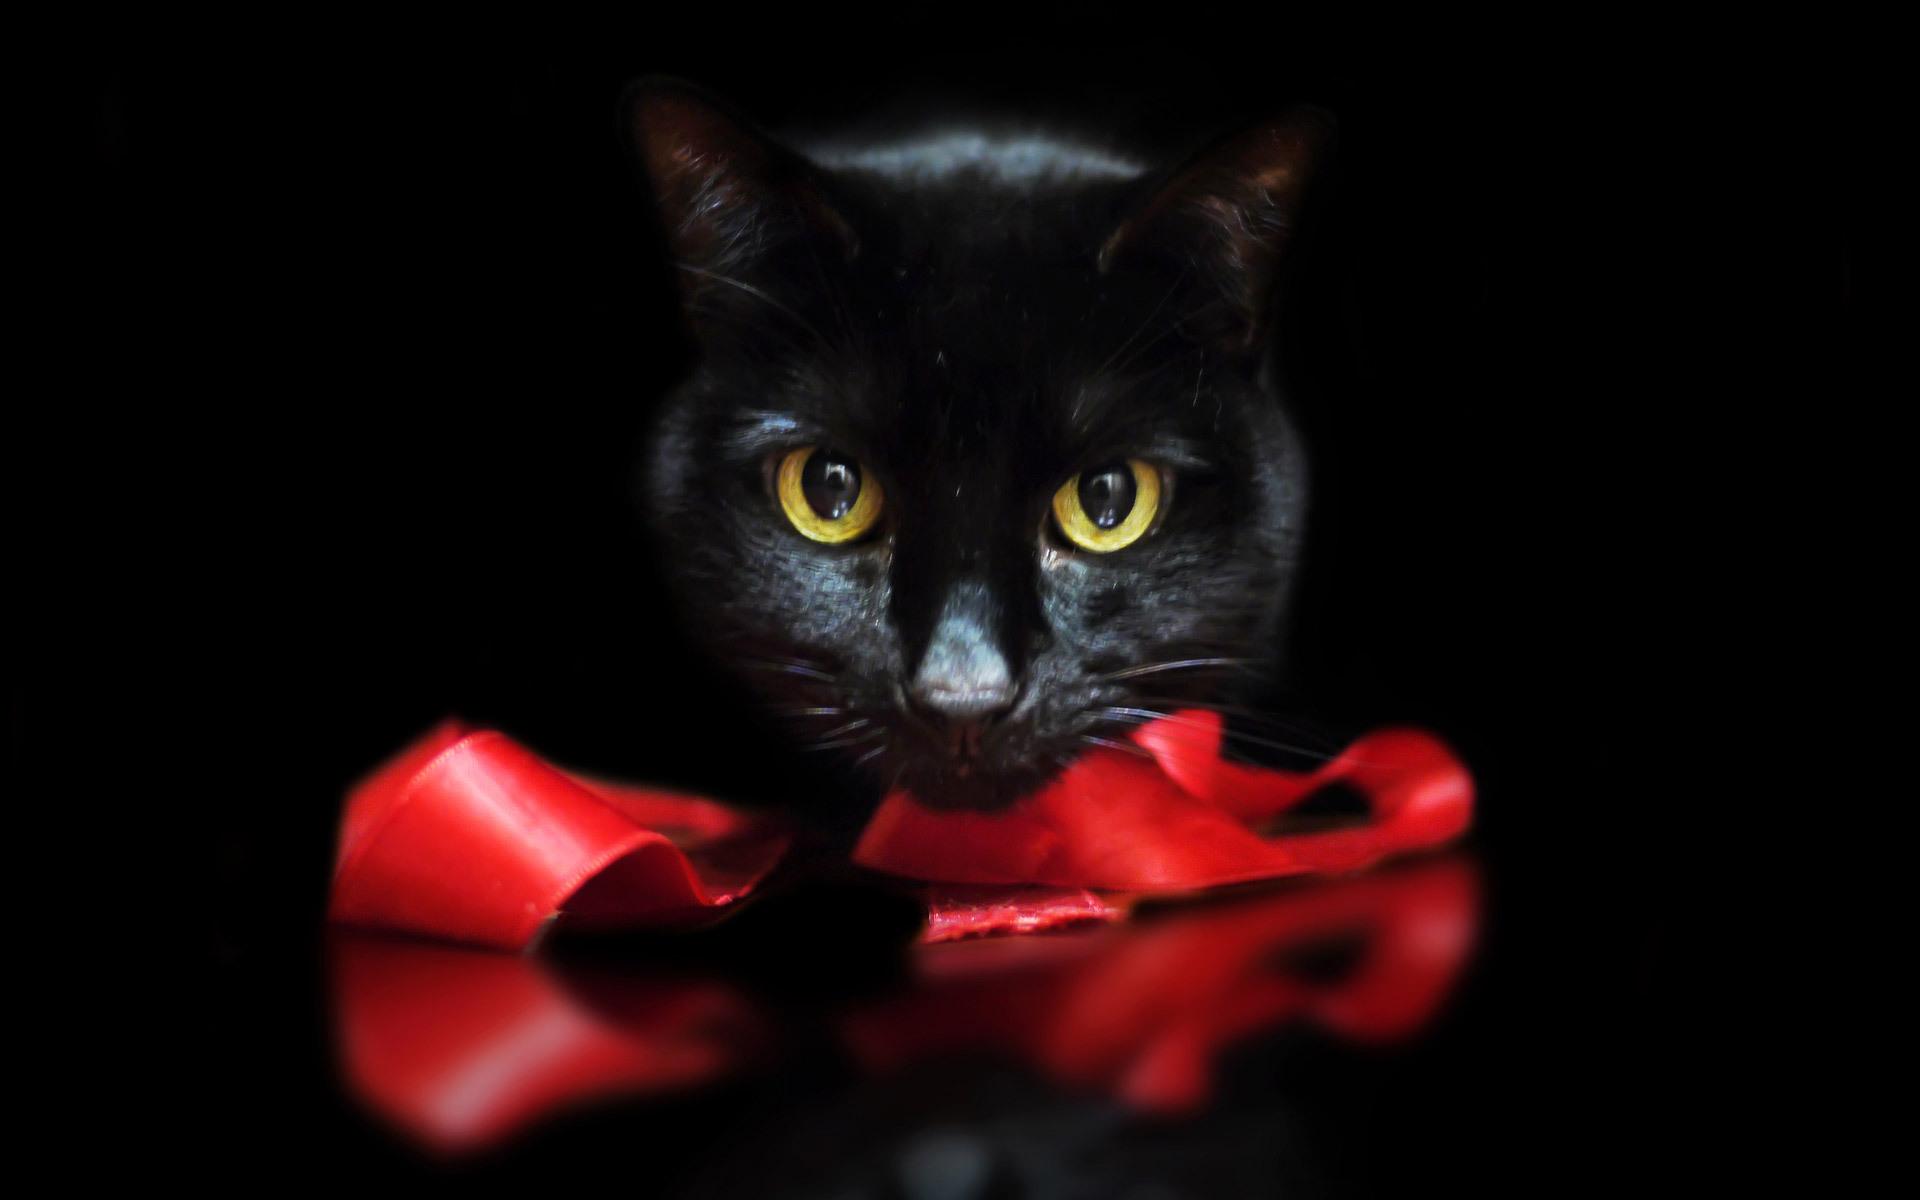 Тете, прикольные черно-красные картинки